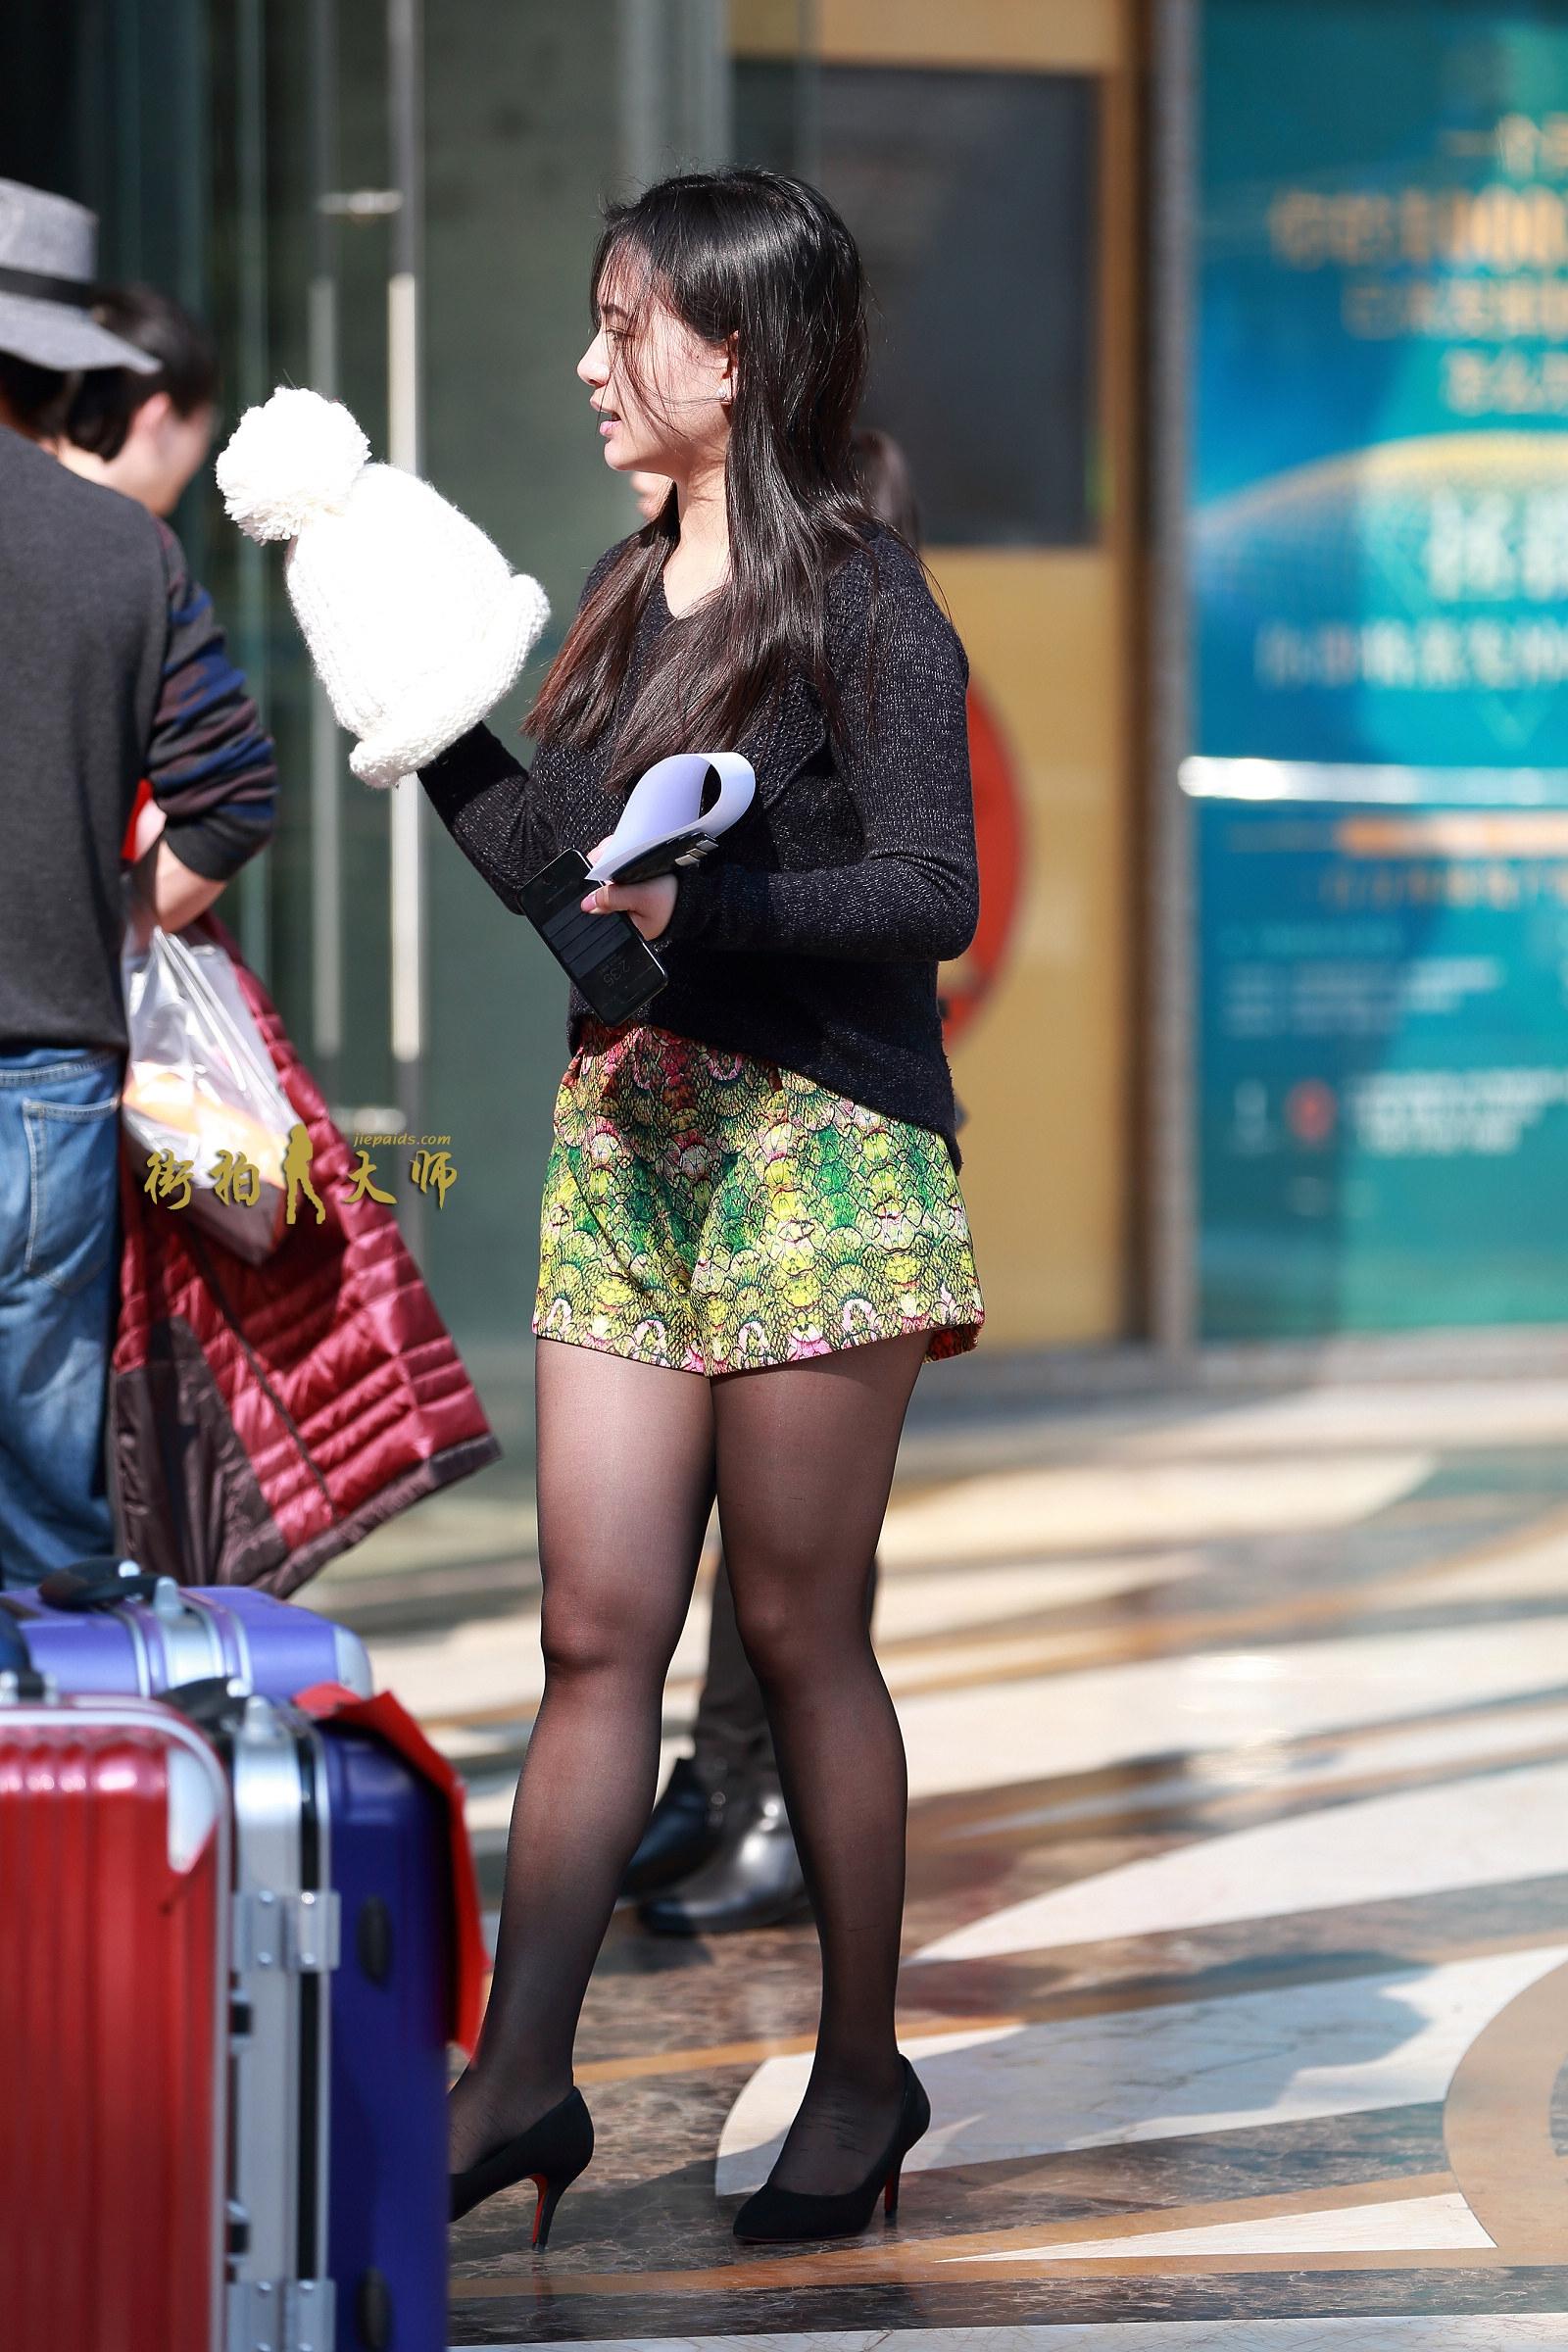 街拍美女网第一站_街拍短裤,街拍黑丝,街拍高跟_搜狐时尚_搜狐网